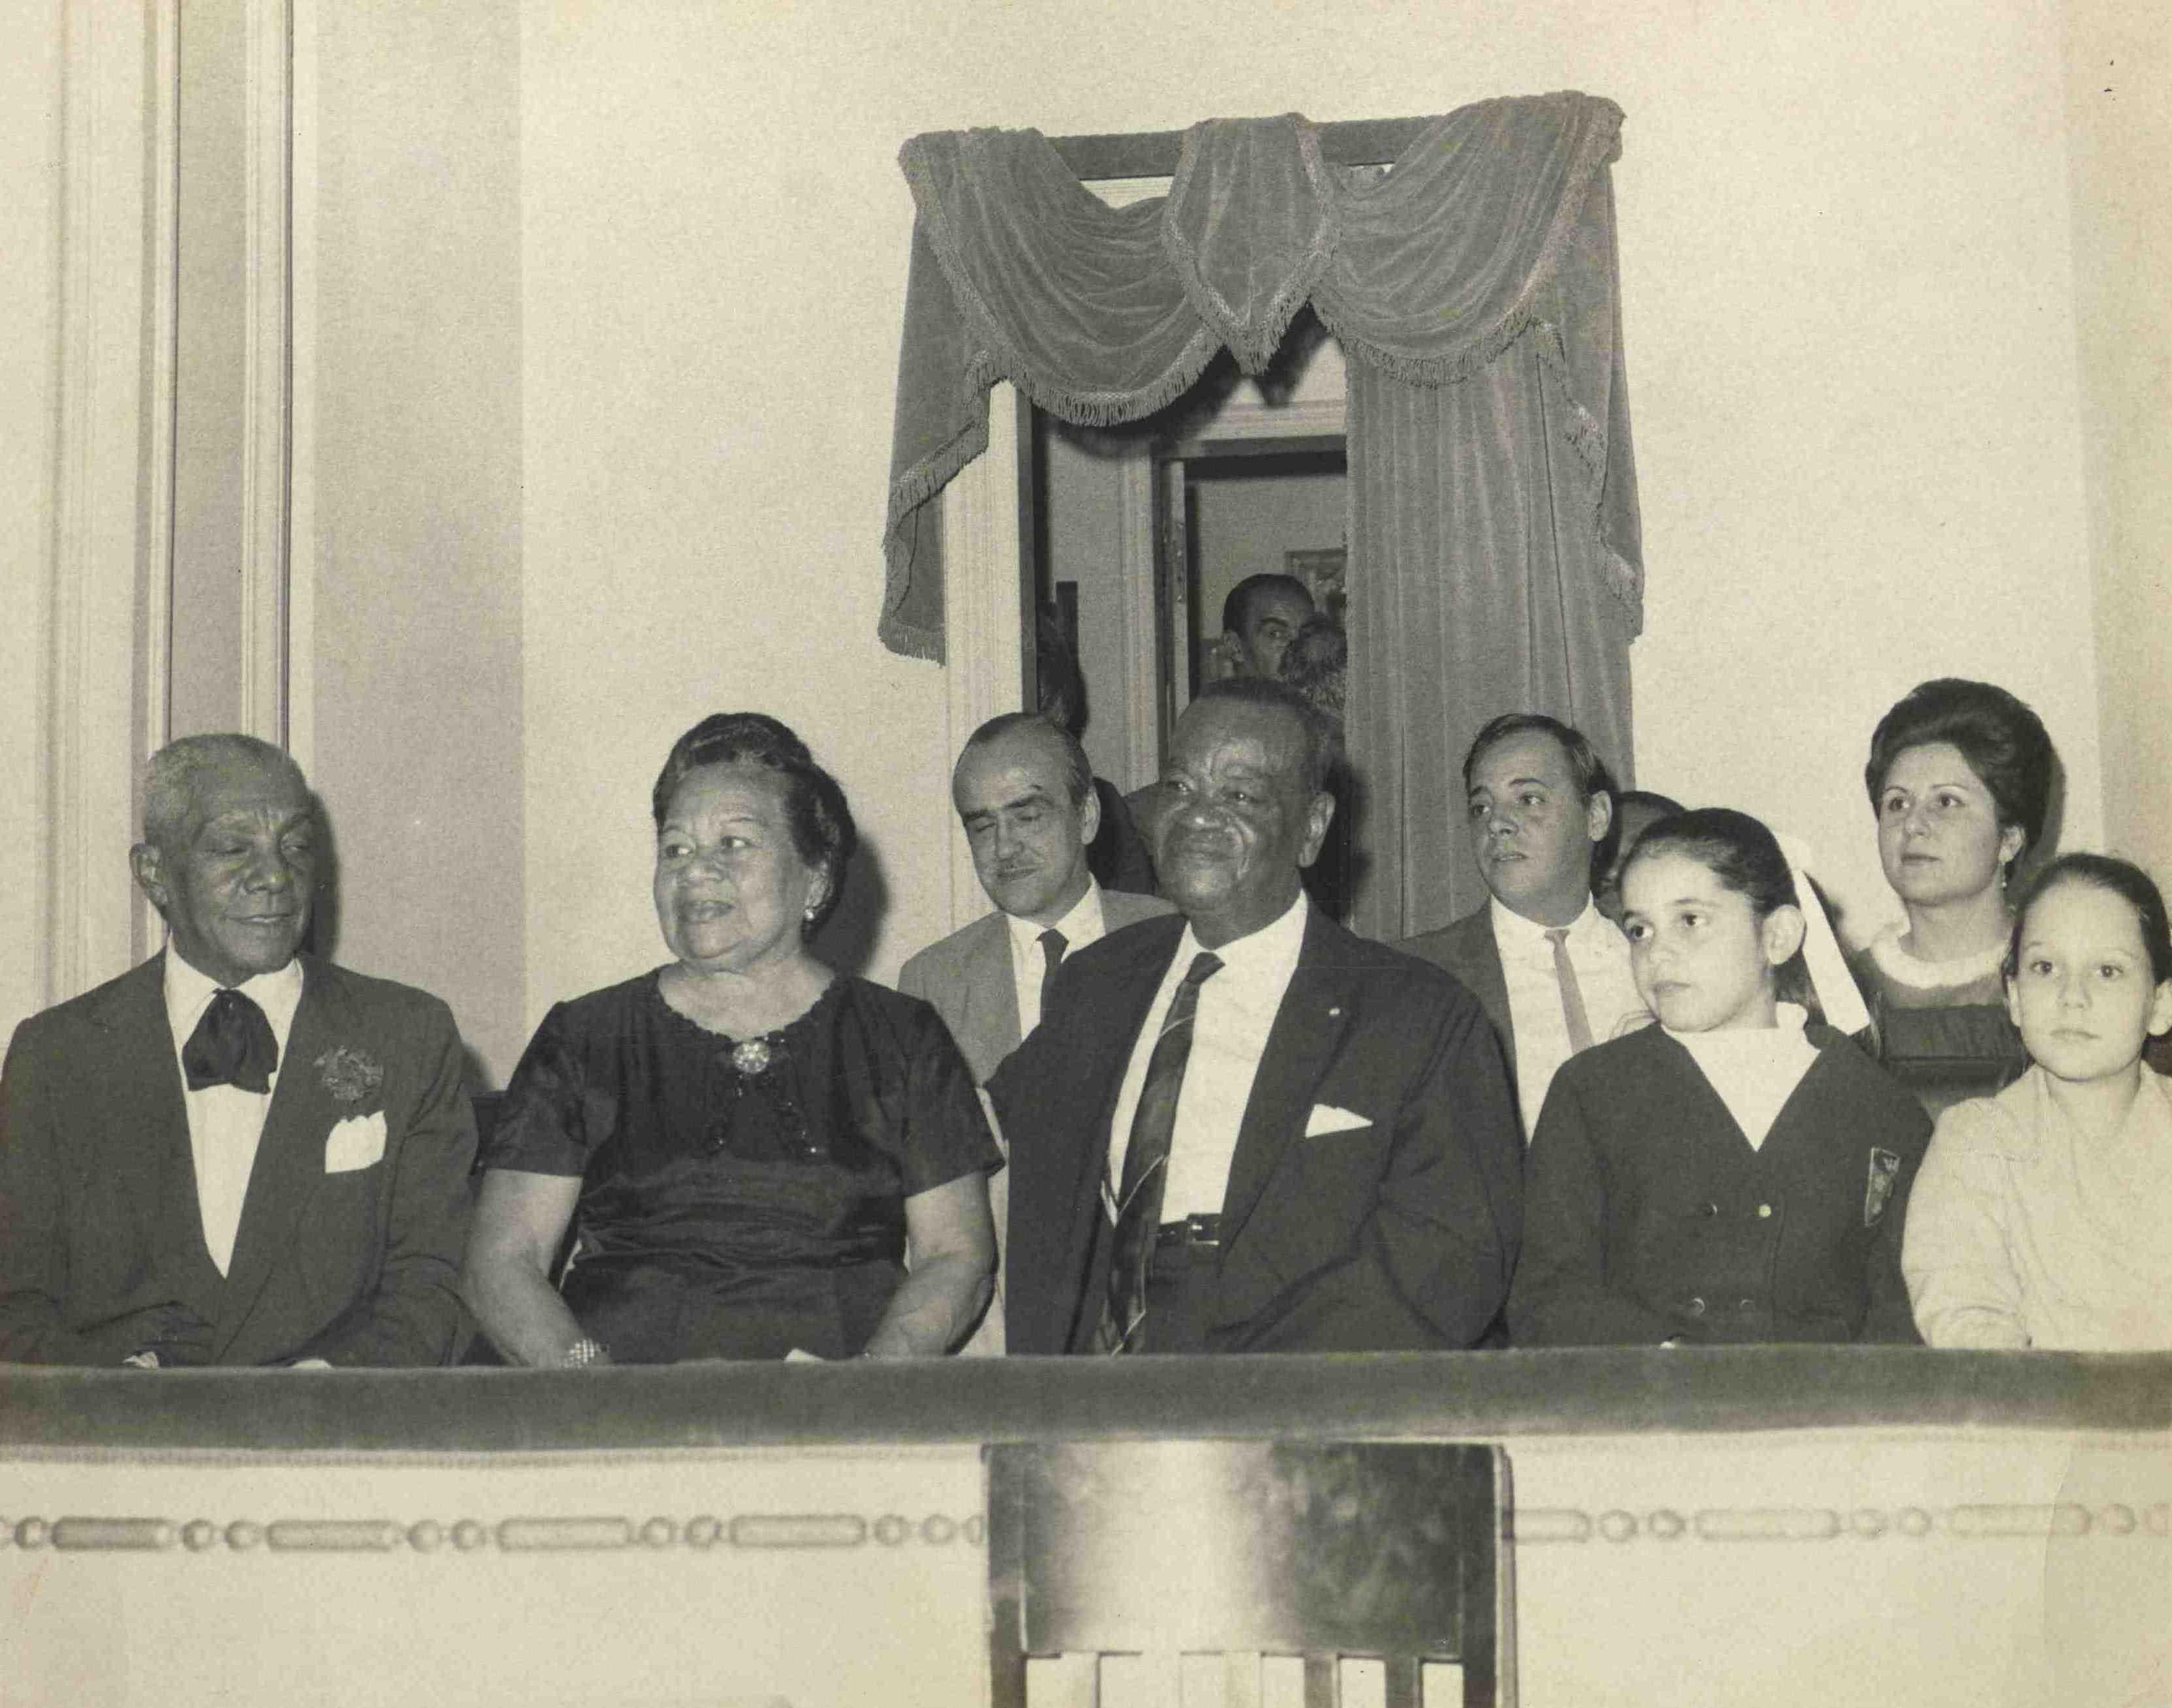 """Show """"Pixinguinha 70"""", em comemoração aos 70 anos (na verdade, 71) de Pixinguinha. Na frisa estão João da Bahiana, Betty, Lúcio Rangel, Pixinguinha, Alfredinho e pessoas não identificadas. Theatro Municipal do Rio de Janeiro, 18/05/1968 (MIS_Alm_116770 / Acervo Almirante / MIS-RJ)"""